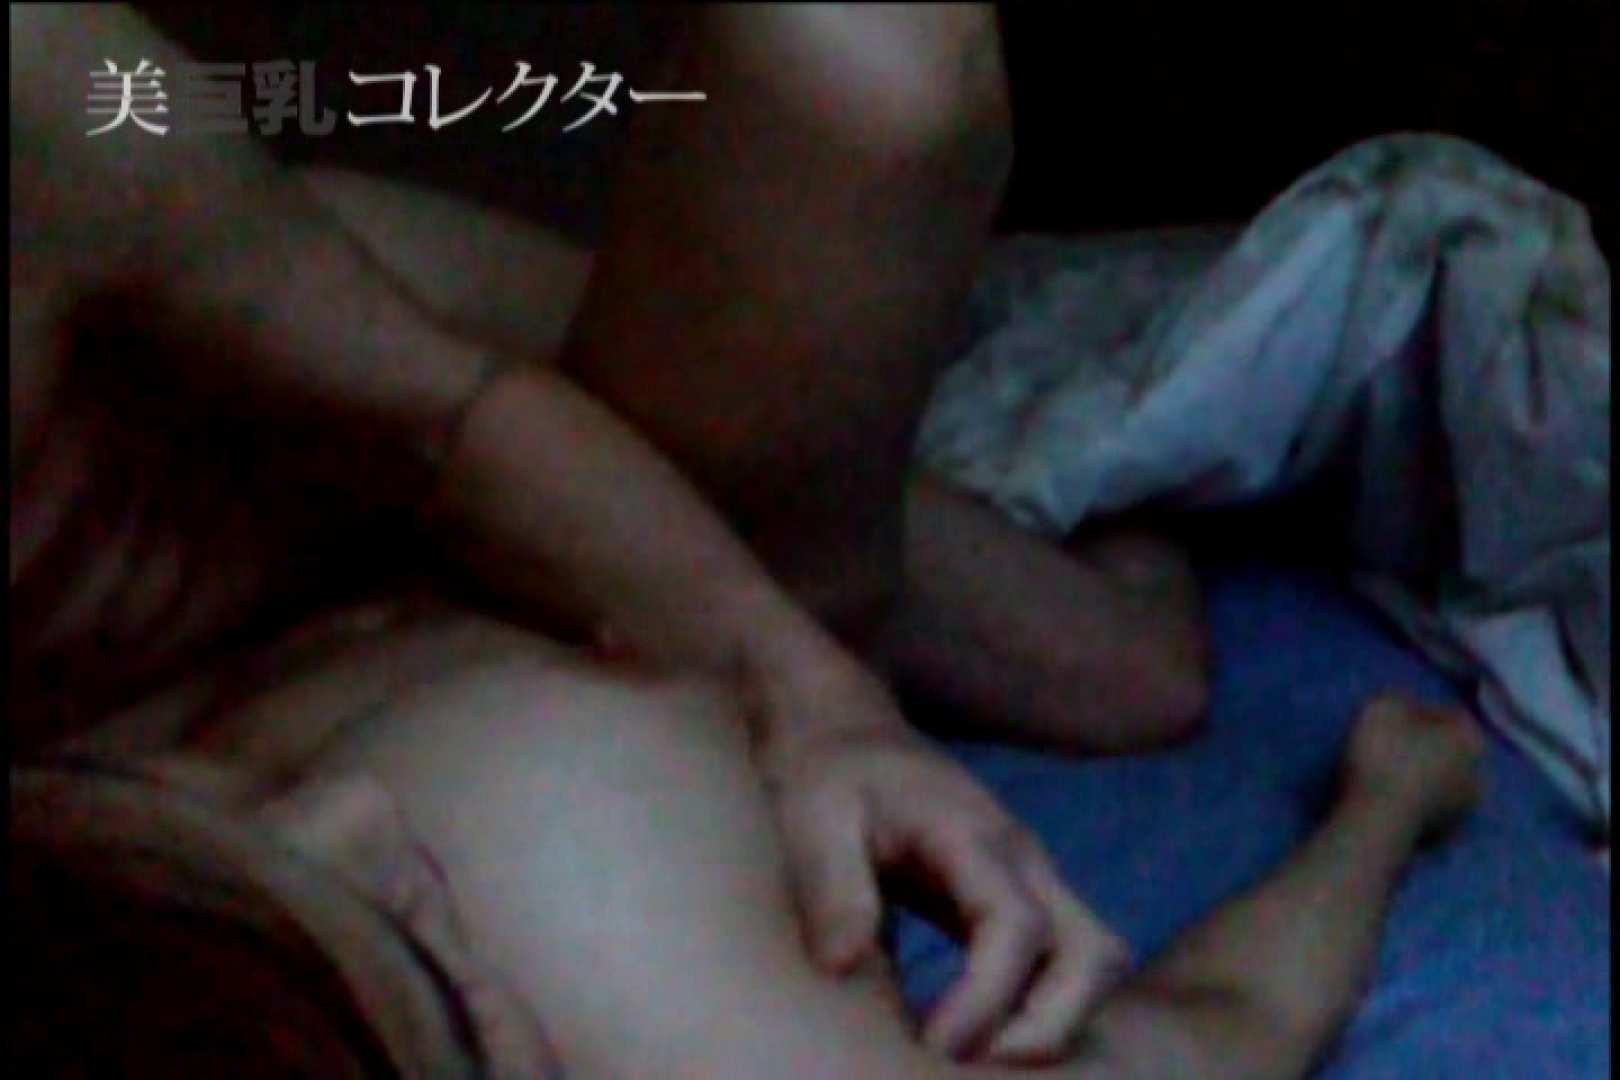 泥酔Hカップ爆乳ギャル3 ギャル スケベ動画紹介 58pic 38